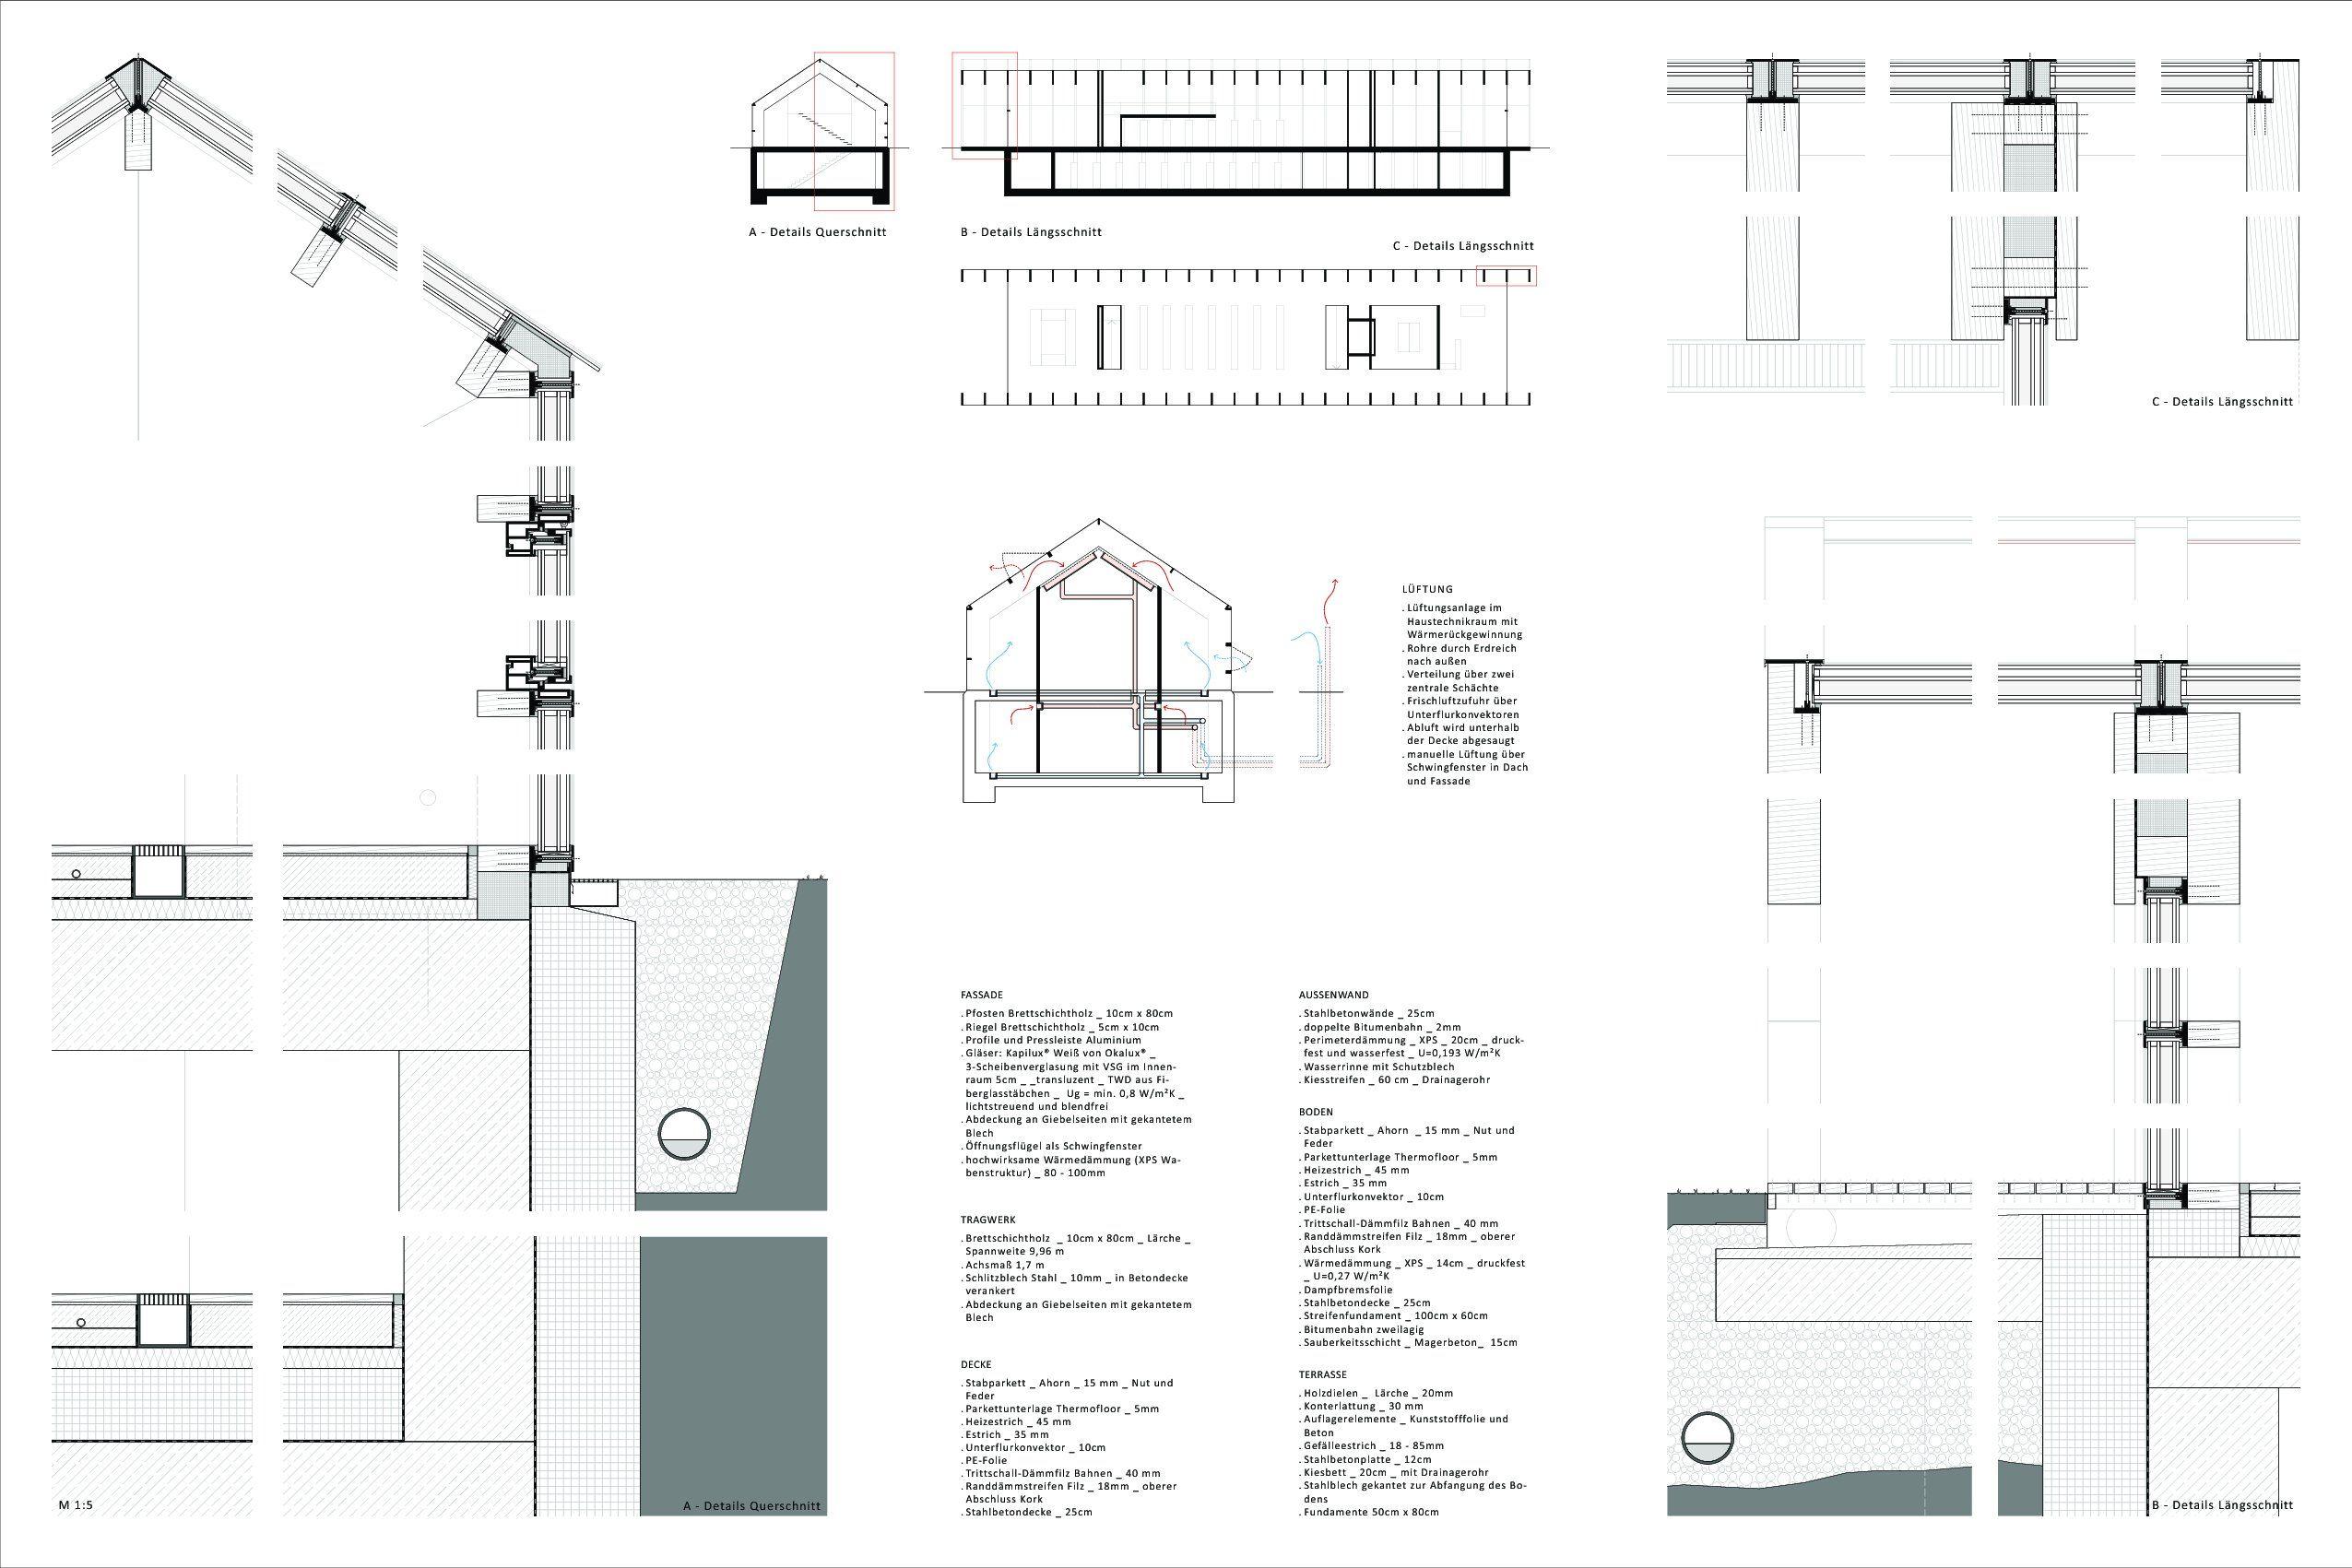 Schwingfenster detail  M 1:5 a - details Querschnitt B - details Längsschnitt c - details ...